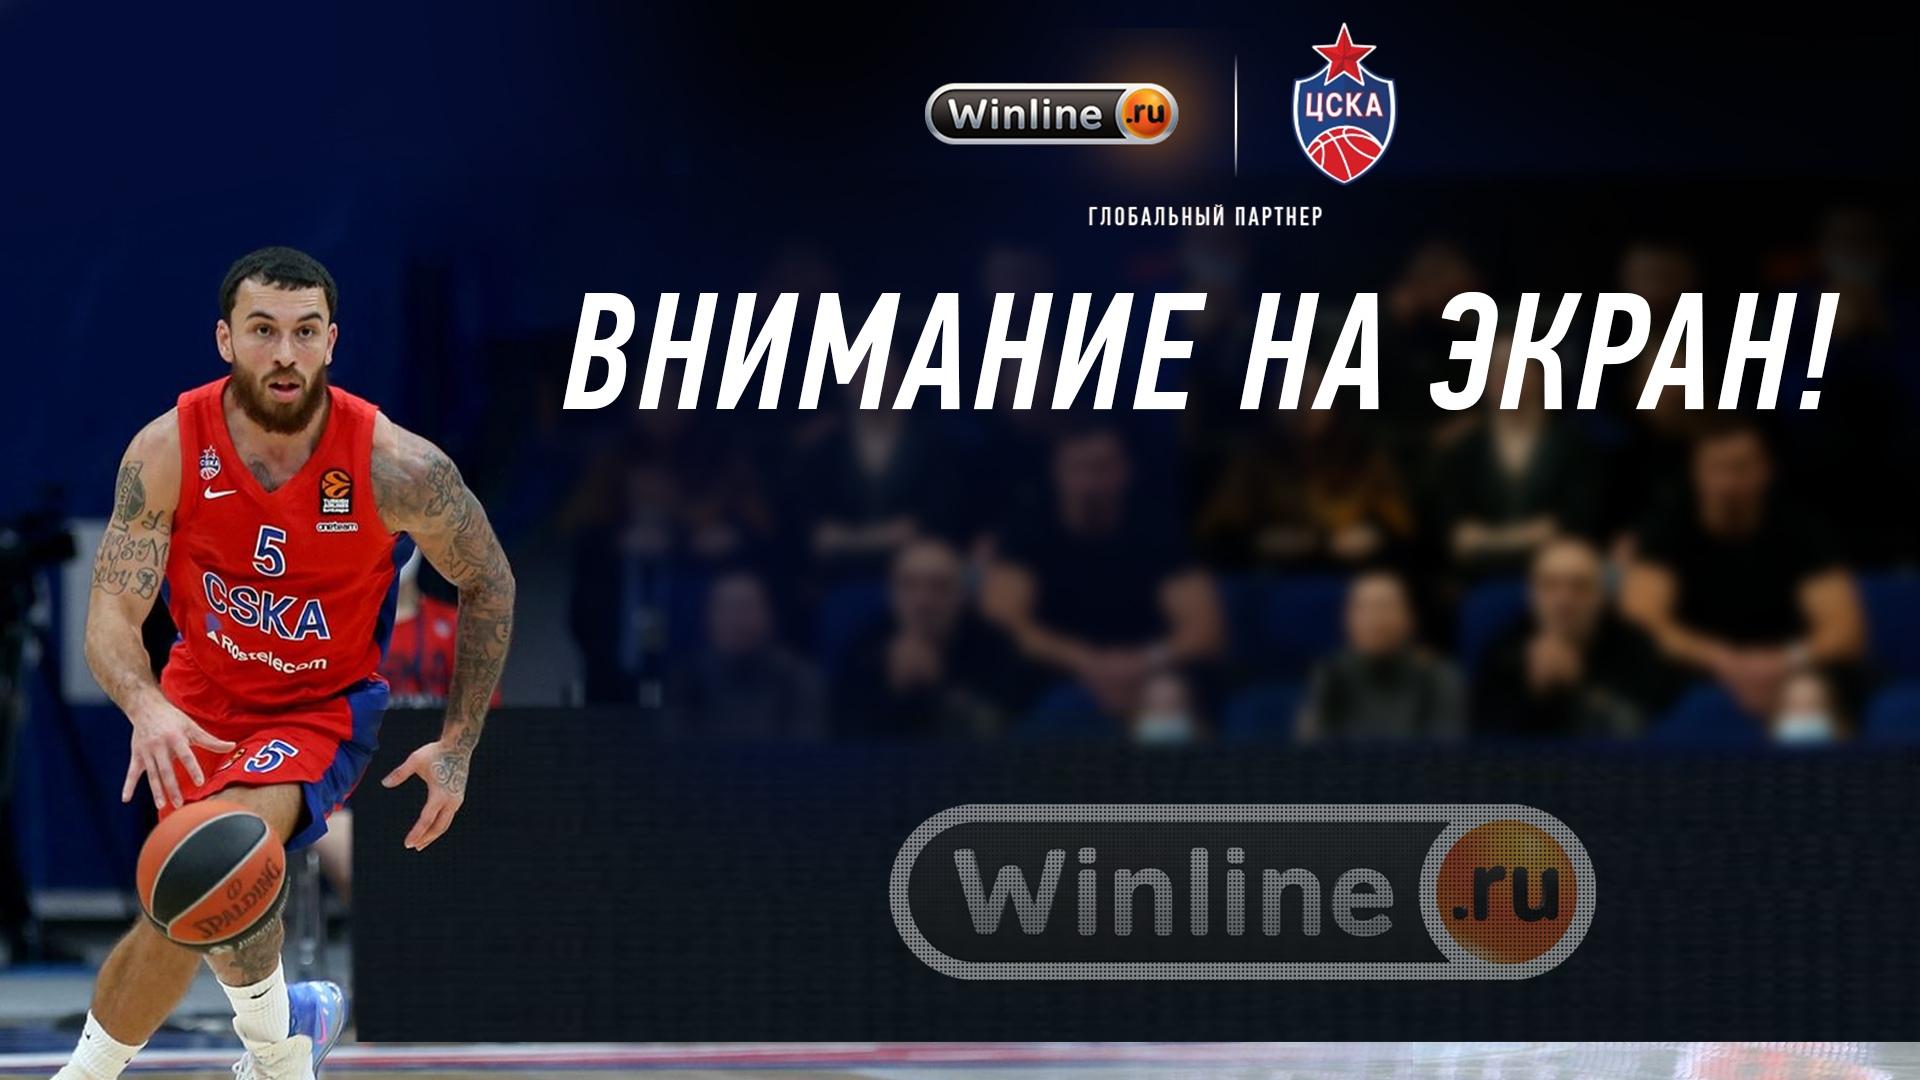 Больше красок в игре ПБК ЦСКА от Winline!